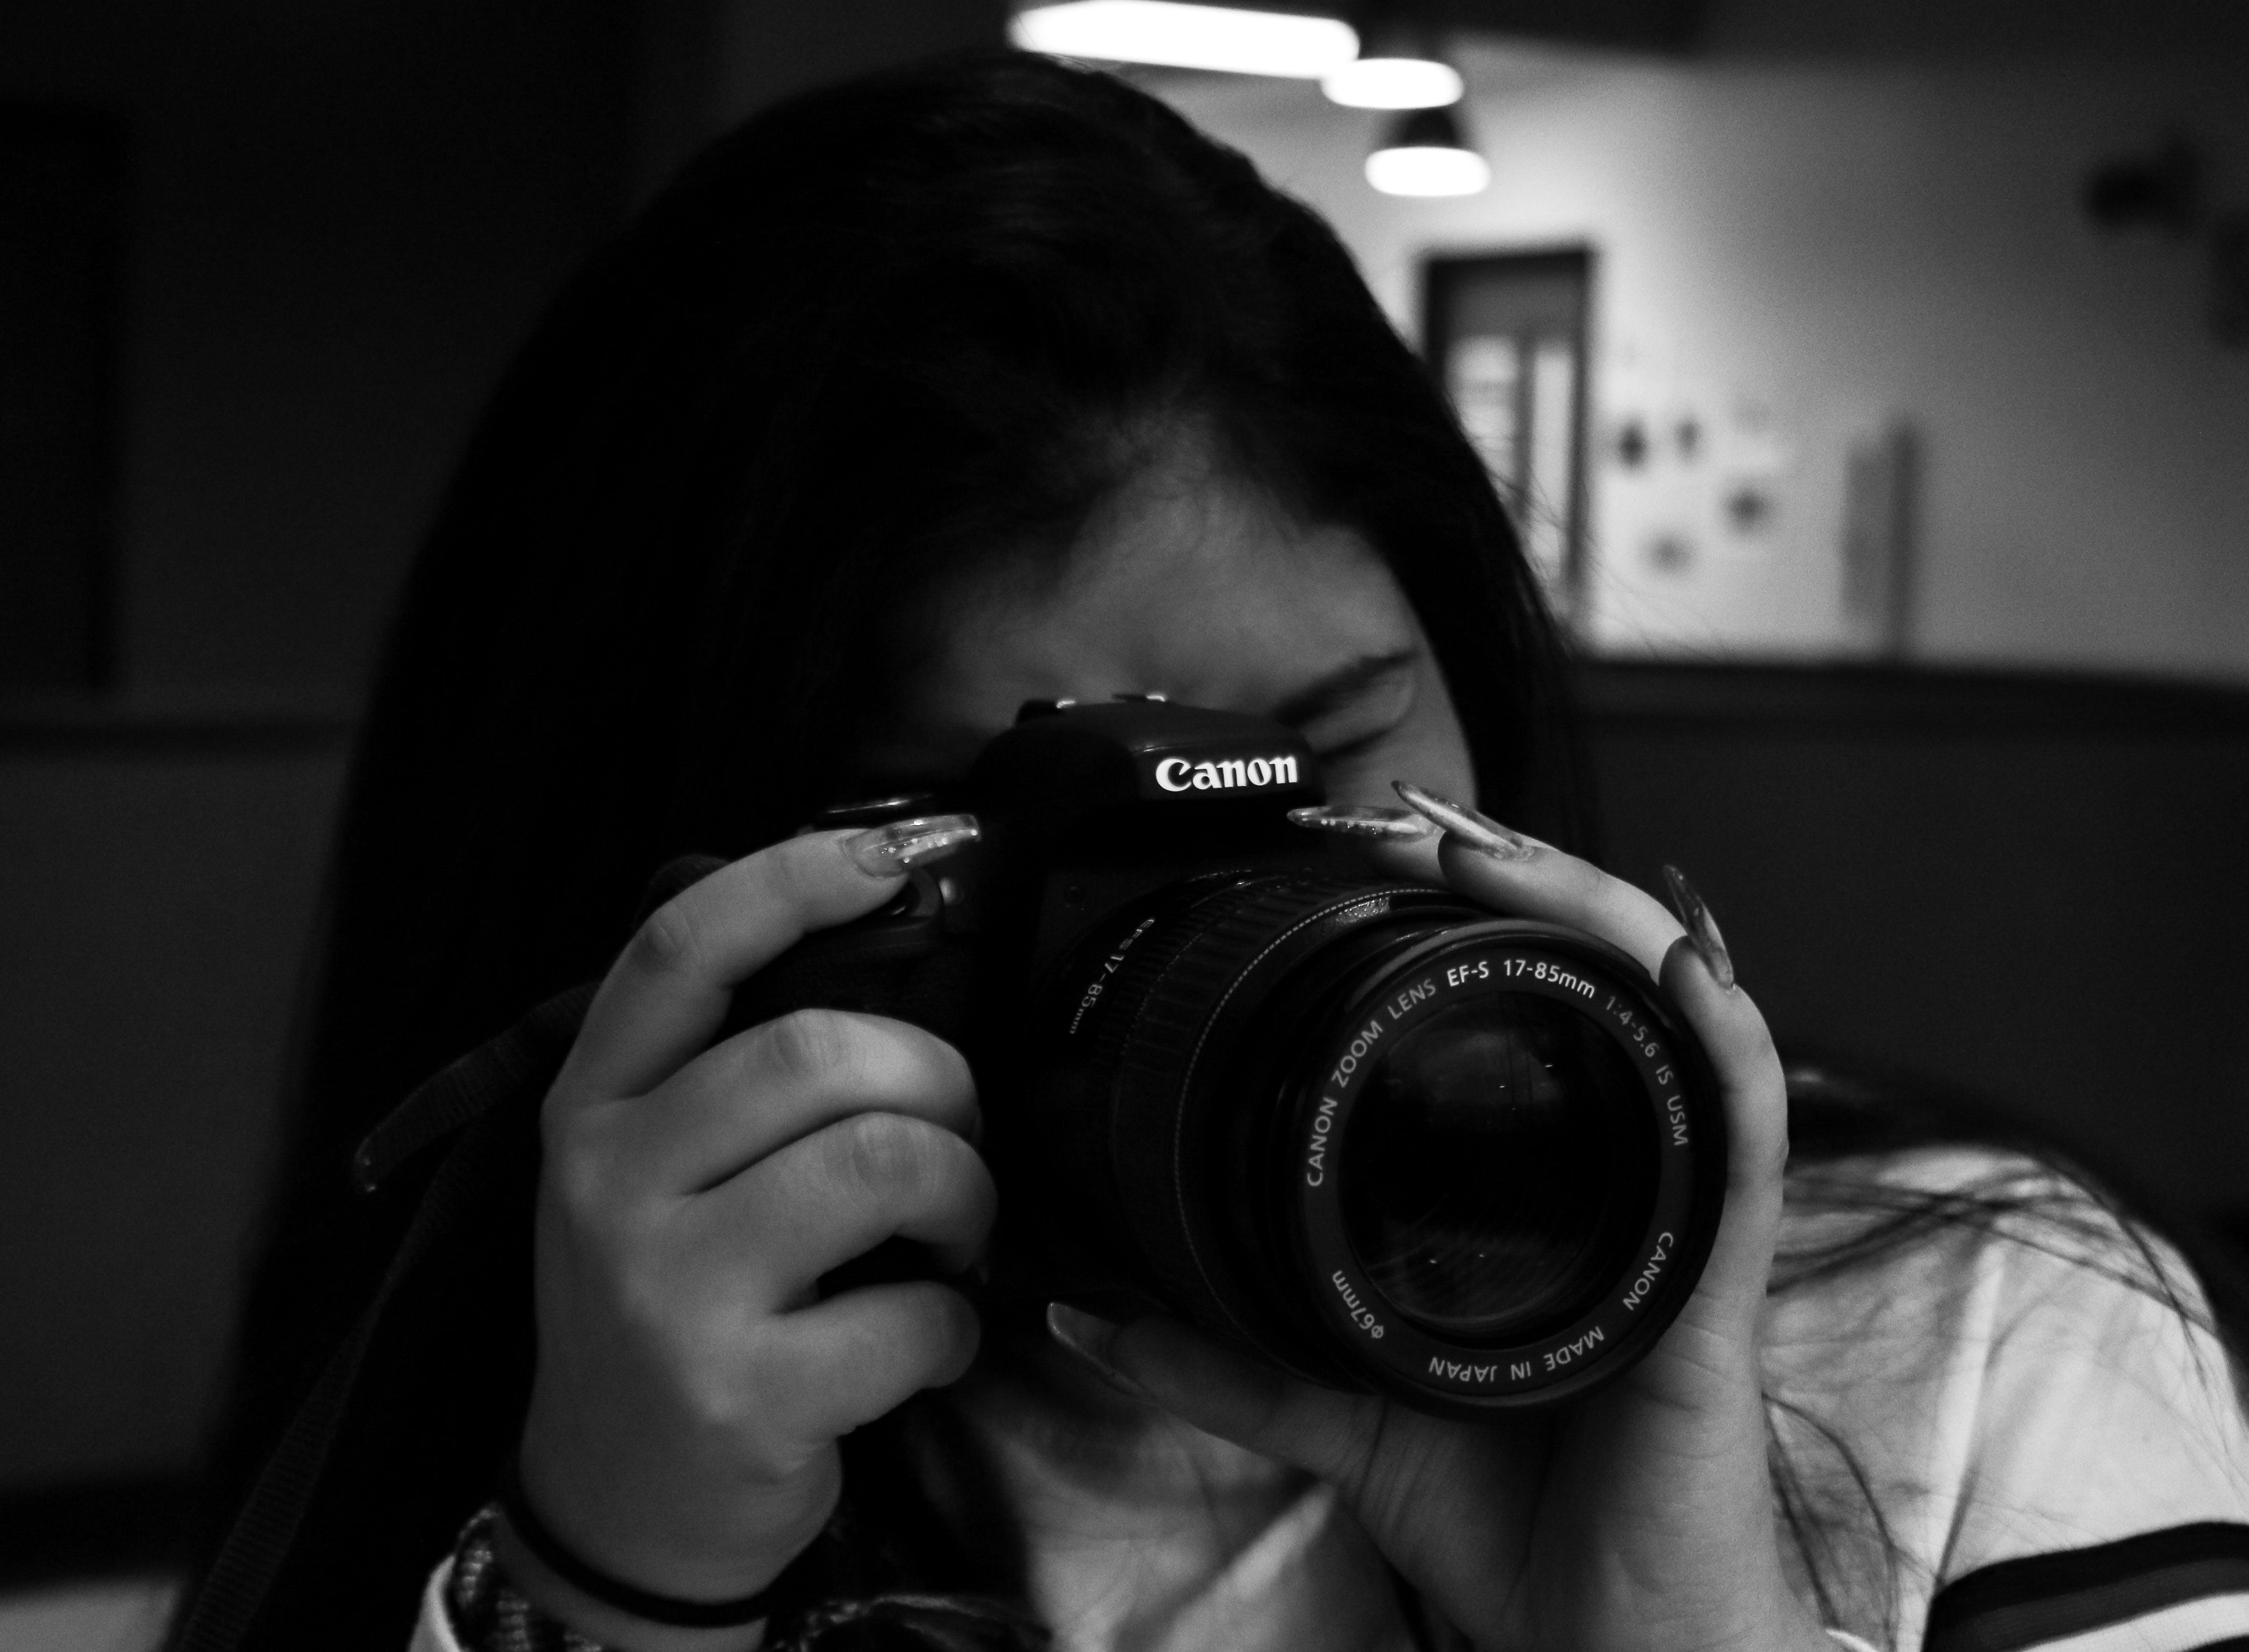 Immagine gratuita di bianco e nero, dslr, fotocamera, fotografia